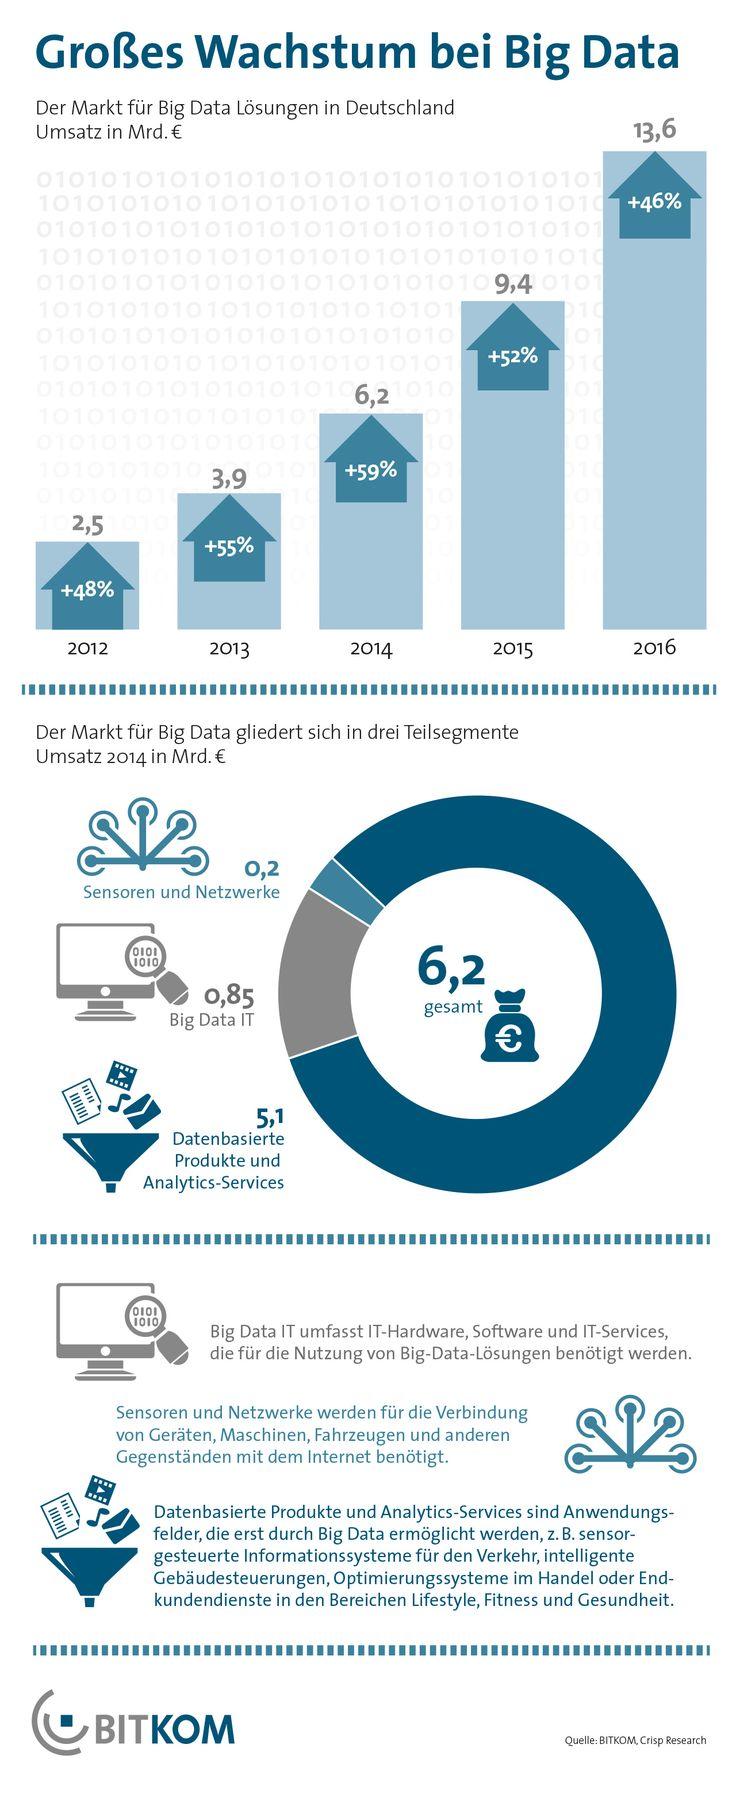 Der Markt für Big Data Analysis wird in Deutschland im Jahr 2014 um 59 Prozent auf 6,1 Milliarden Euro wachsen. Bis zum Jahr 2016 soll sich der Umsatz mit Big-Data-Lösungen auf 13,6 Milliarden Euro nochmals verdoppeln. Das zeigen Berechnungen des IT-Marktforschungs- und Beratungsunternehmens Crisp Research im Auftrag des BITKOM.